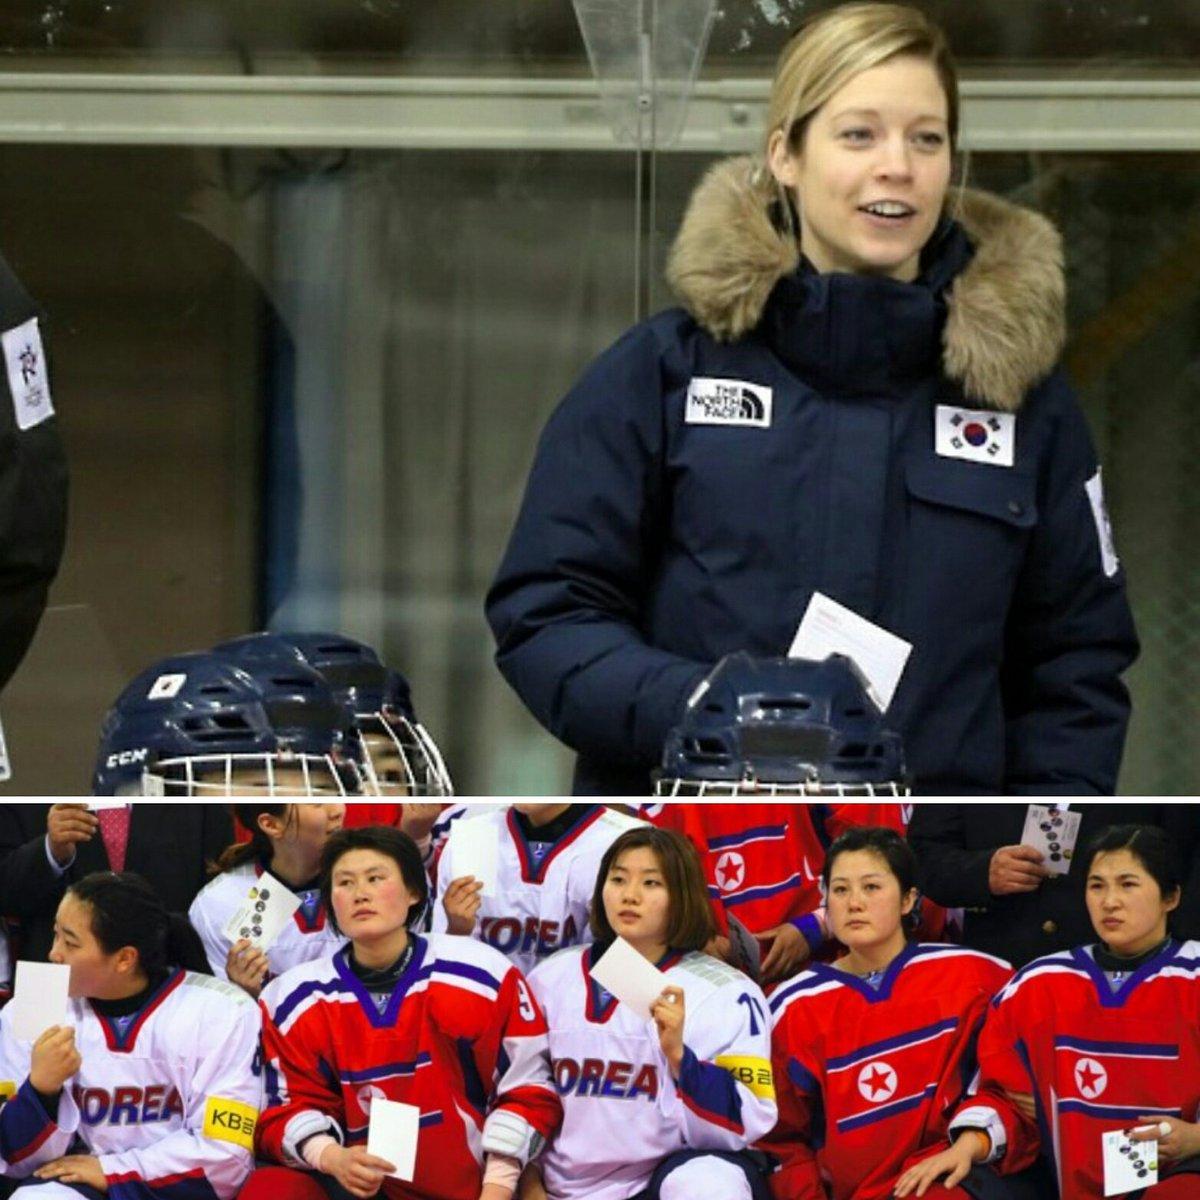 south koreas hockey team - HD1200×1200